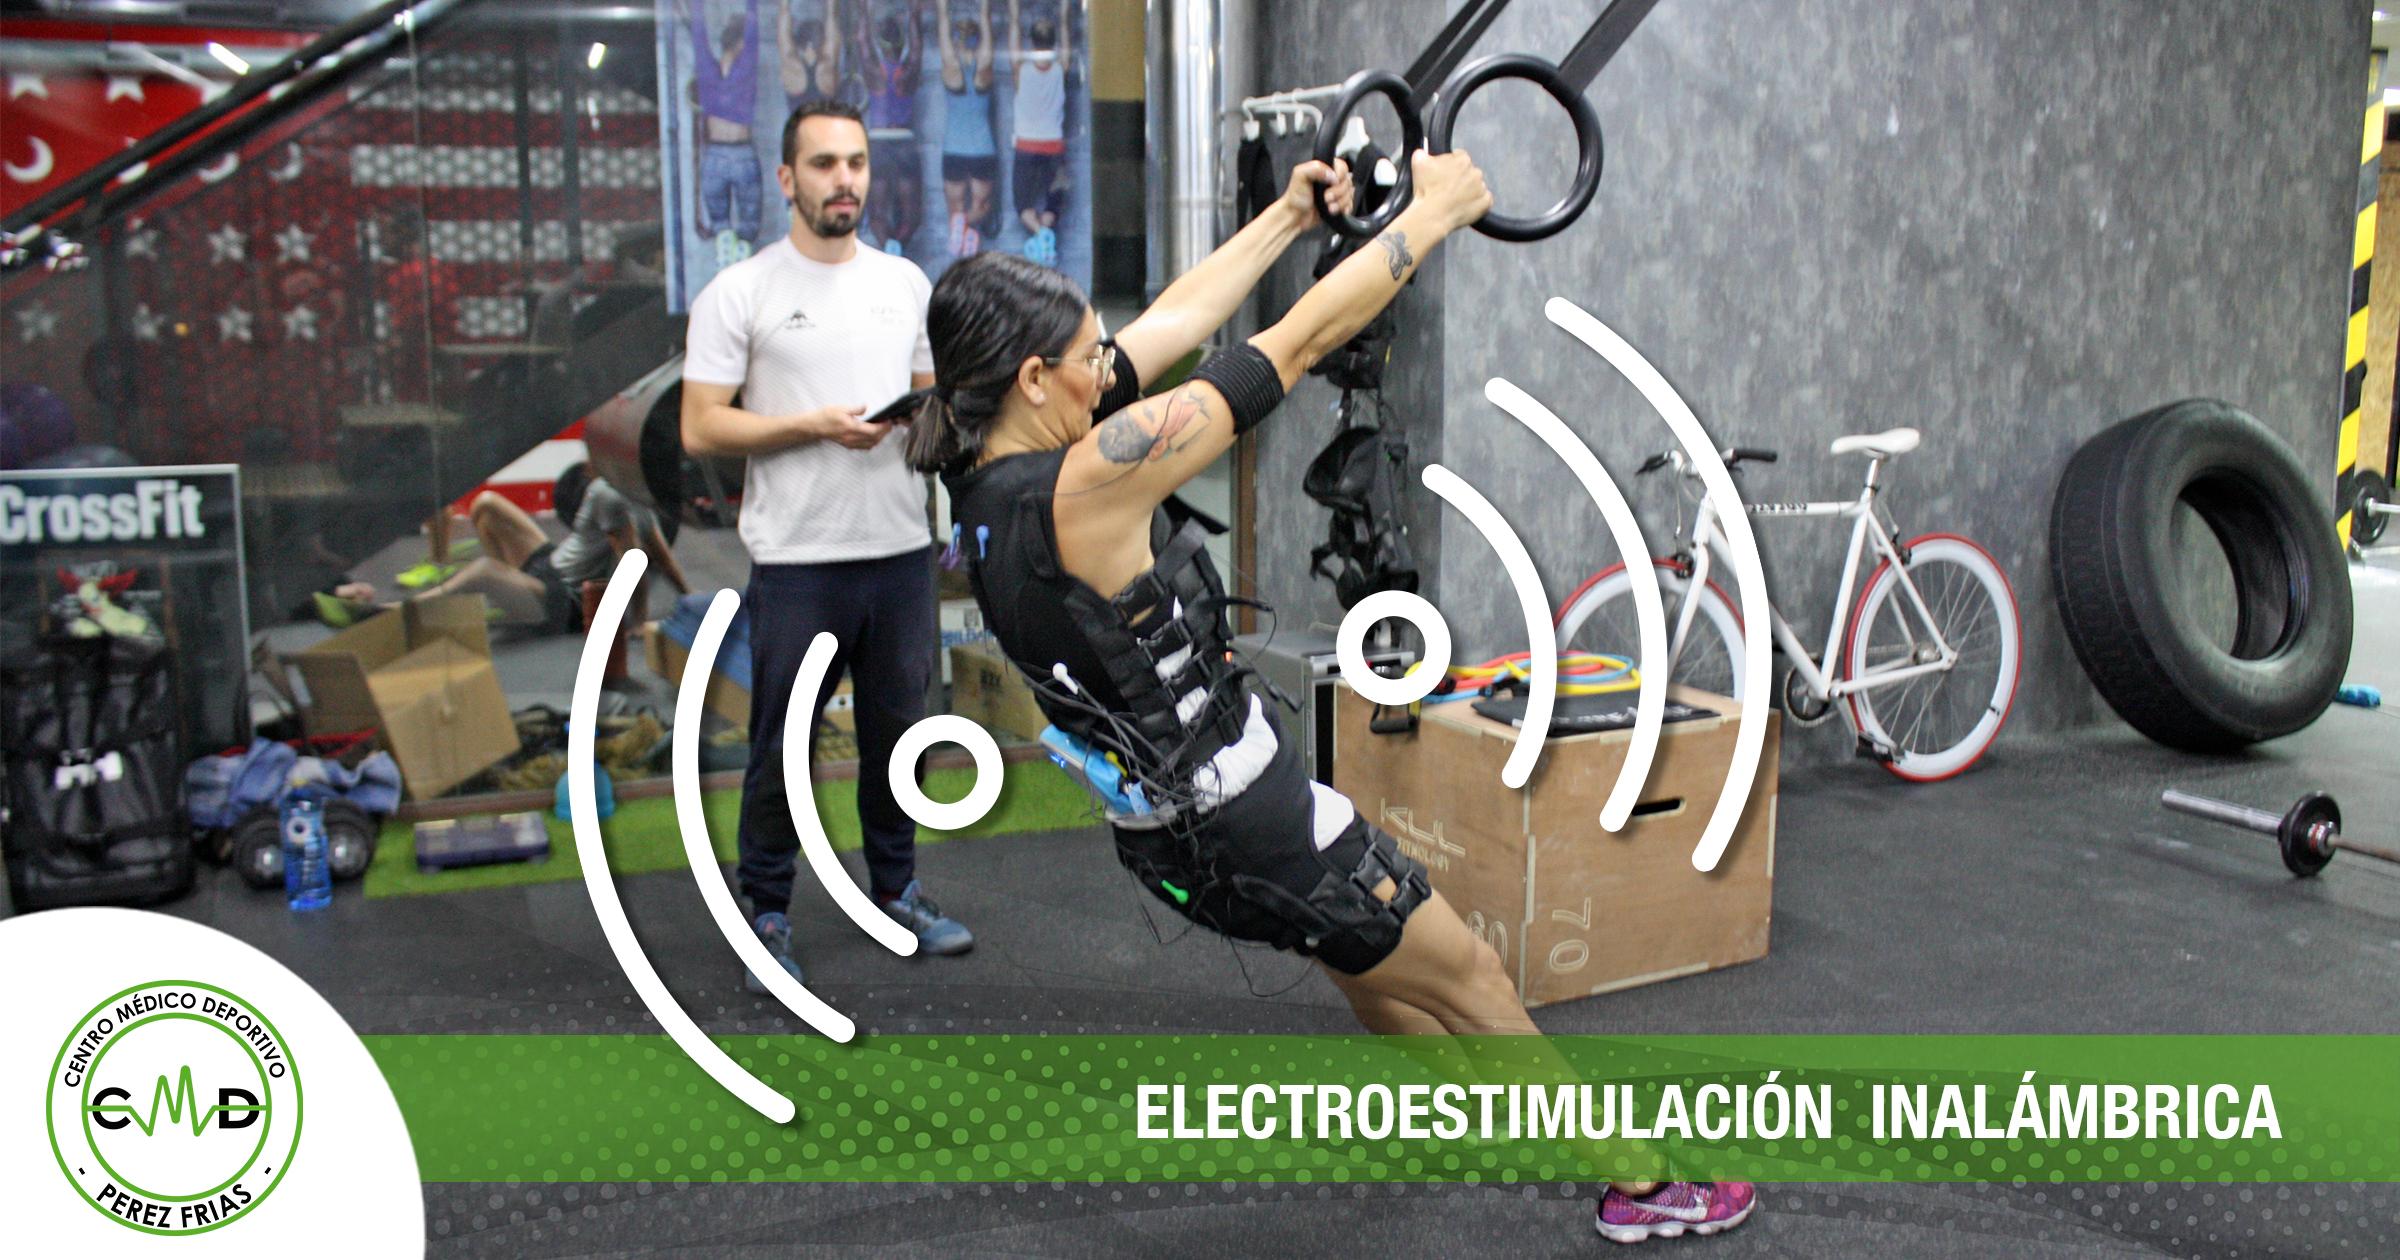 electroestimulación inalámbrica